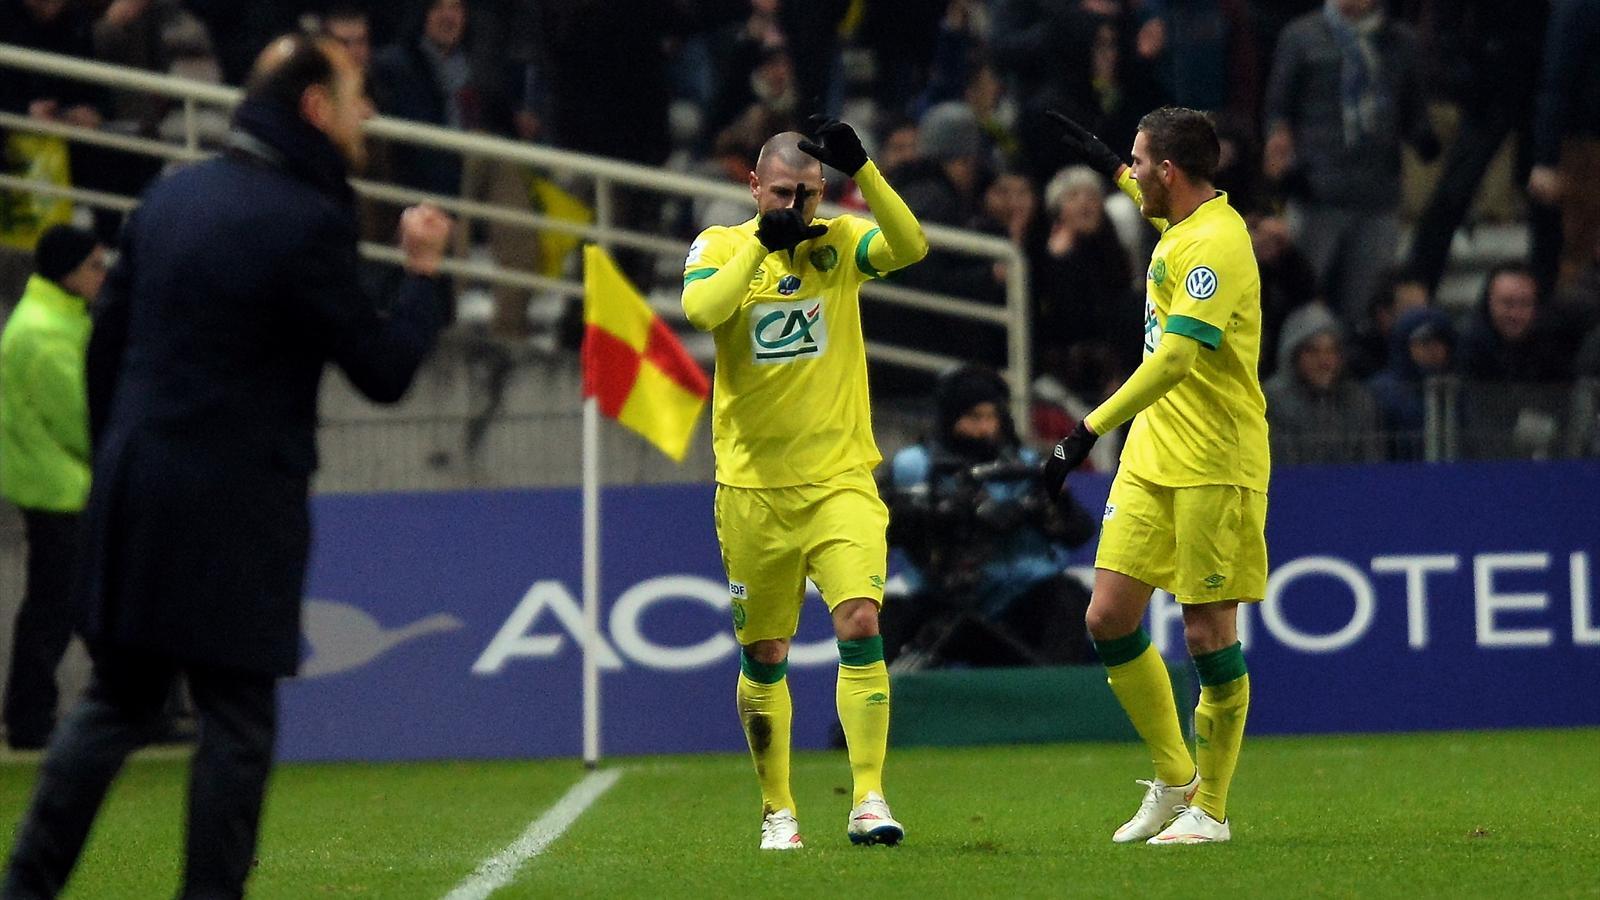 Coupe de france 16e de finale nantes limine lyon 3 2 - Resultats coupe de france football 2015 ...